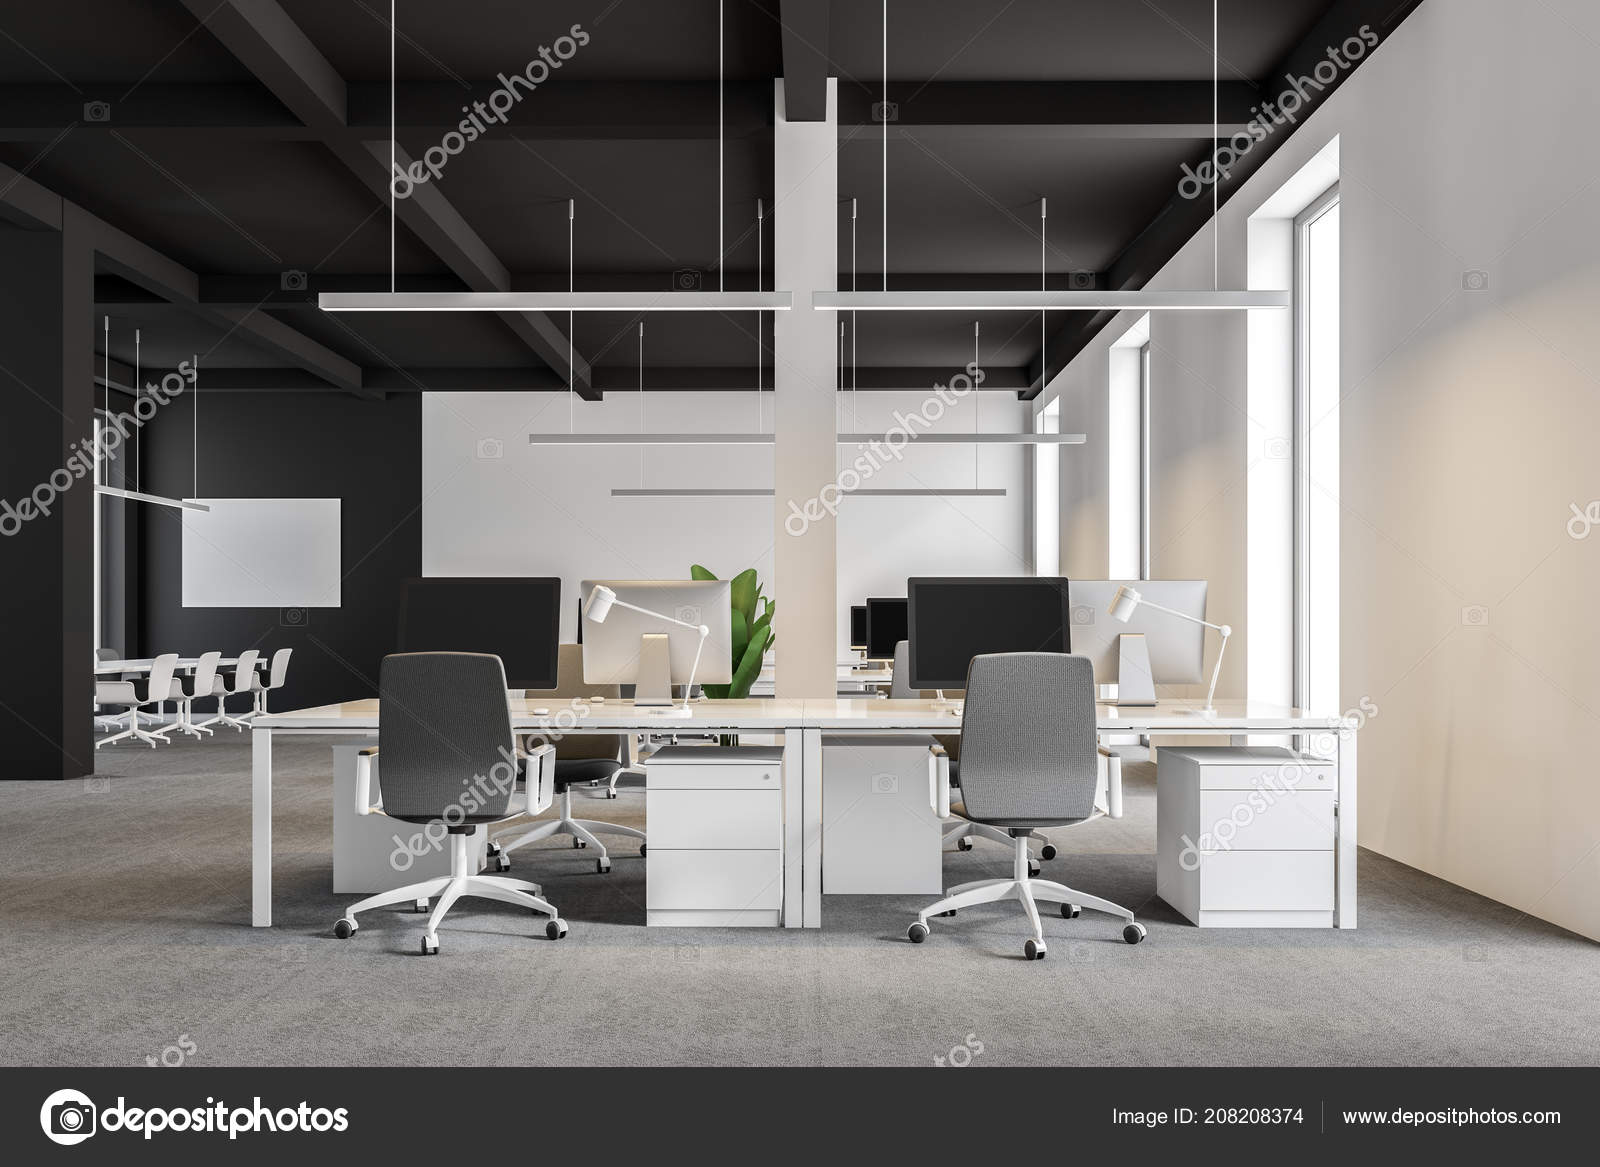 Bureau société internationale moderne avec des murs blancs gris